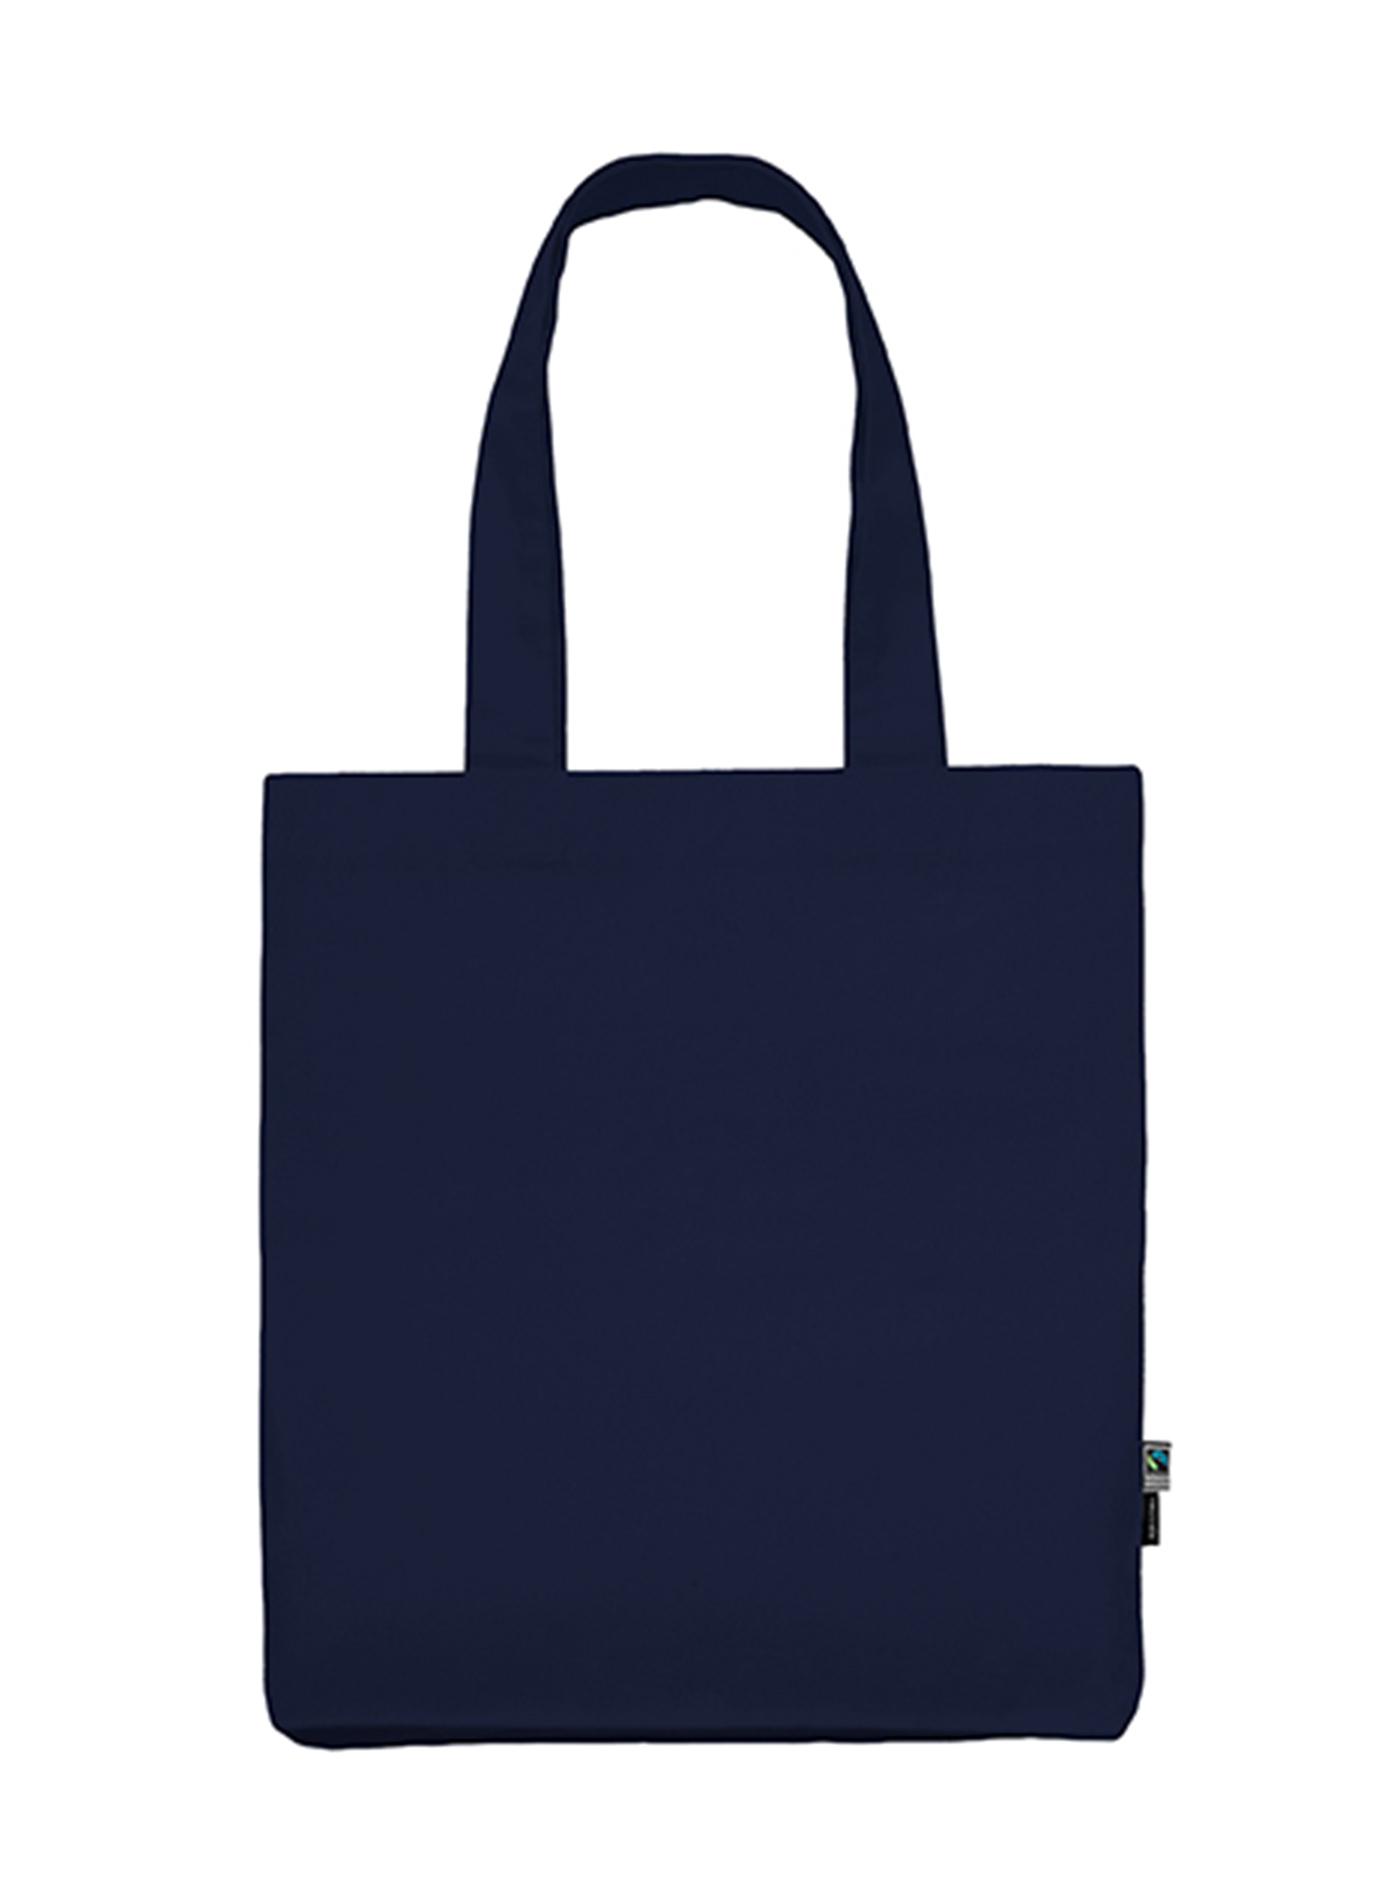 Plátěná taška Neutral - Námořnická modrá univerzal